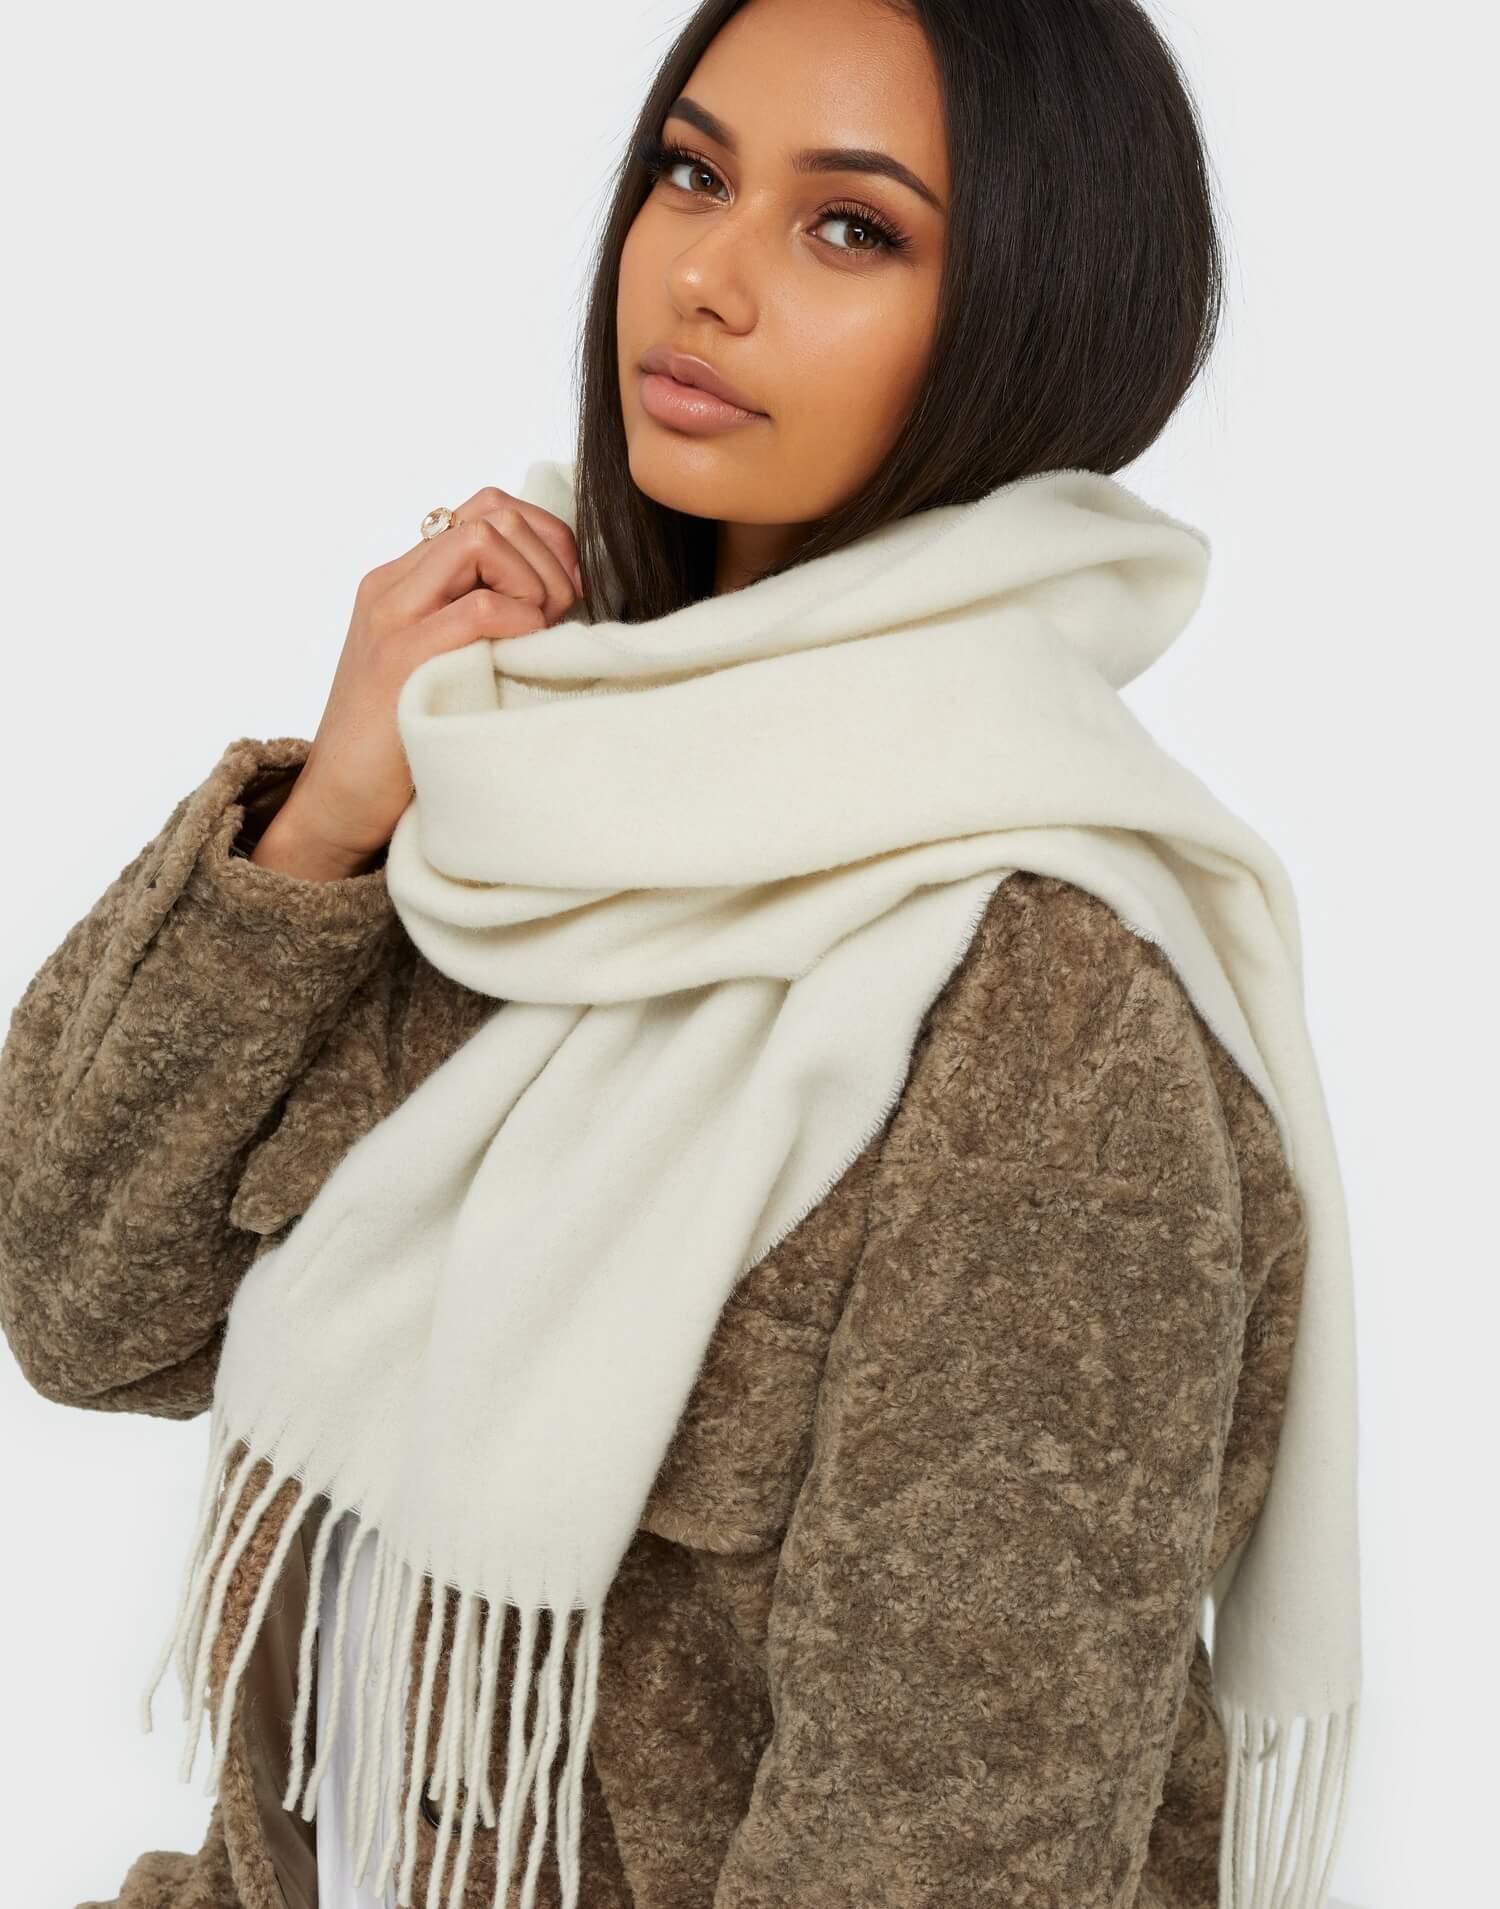 En vit halsduk från Dagmar tillverkad av ull.